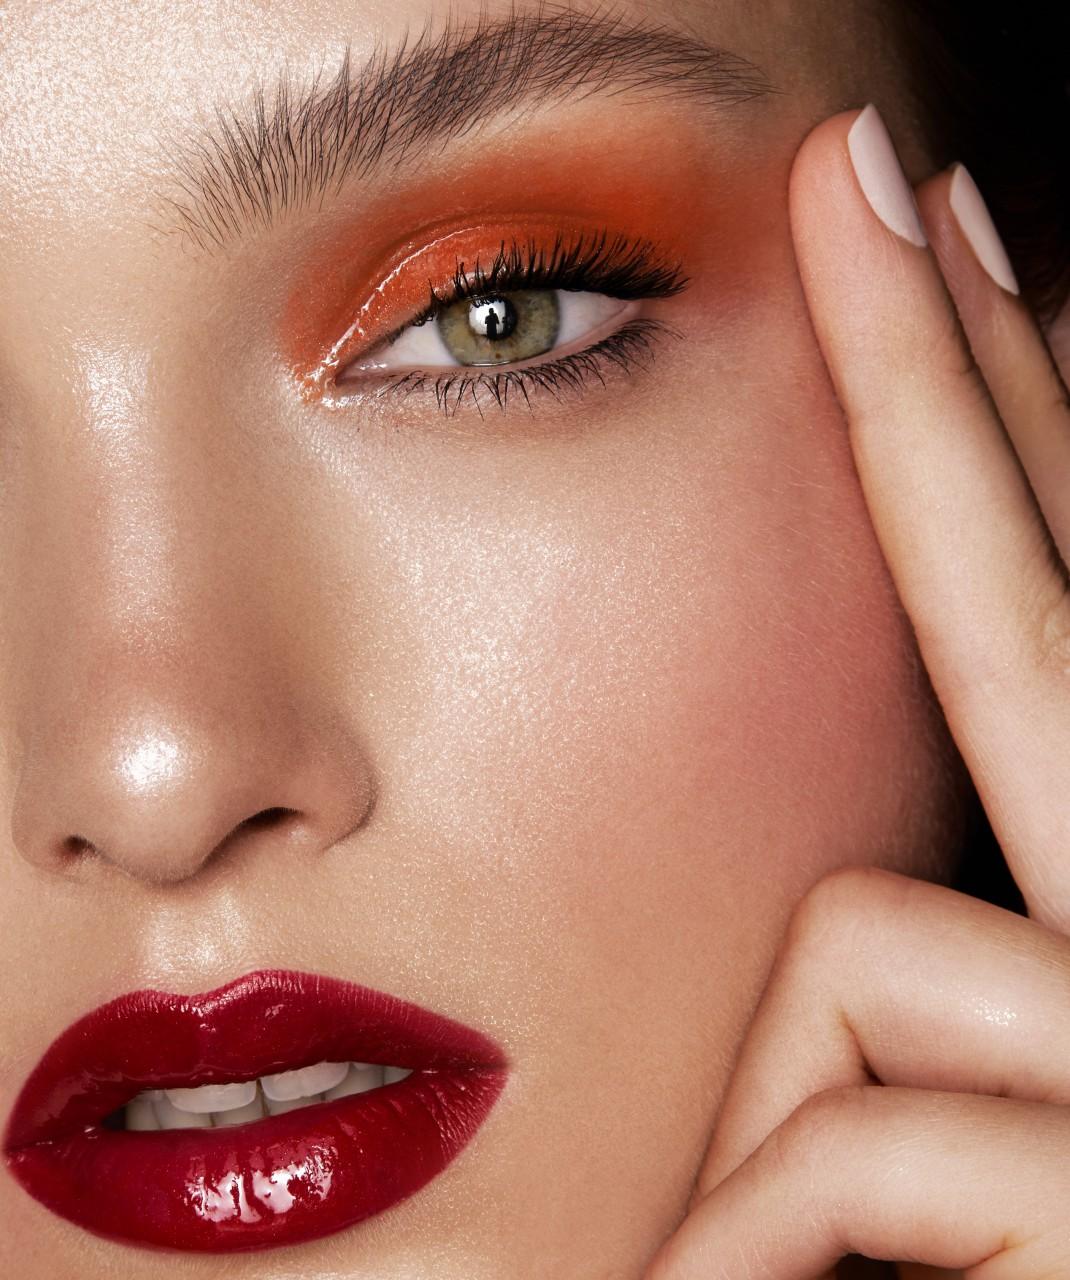 Olga Shutieva Beauty agosto 20181418